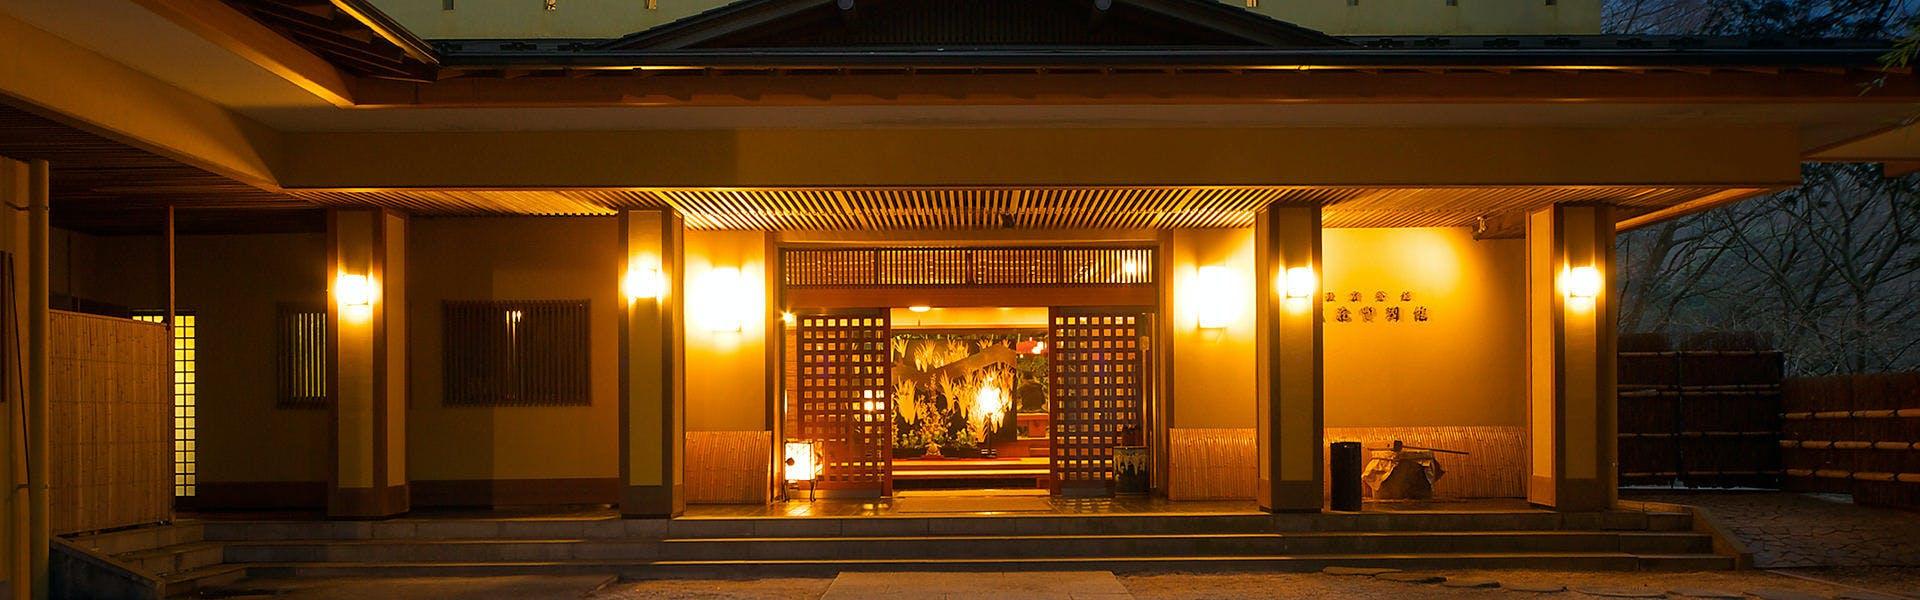 記念日におすすめのホテル・【「四季の湯座敷」武蔵野別館】の写真2